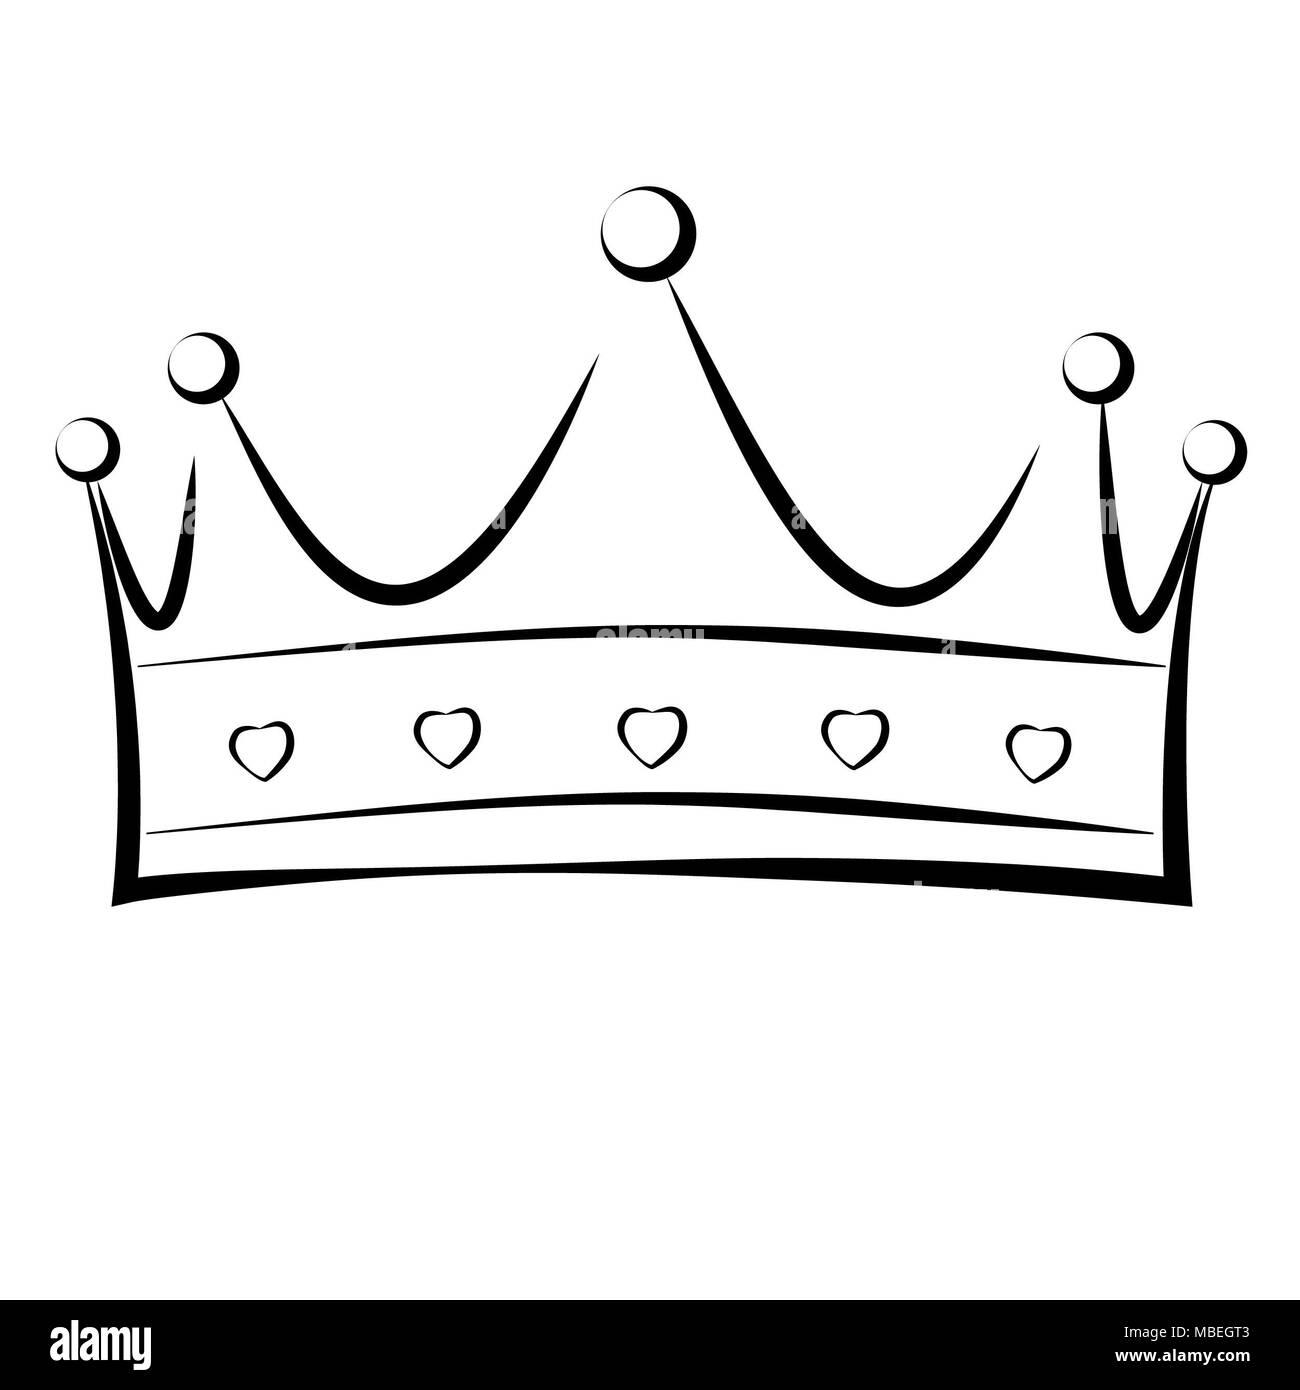 Dibujado A Mano Una Corona De Un Rey O Reina En Blanco Y Negro Foto